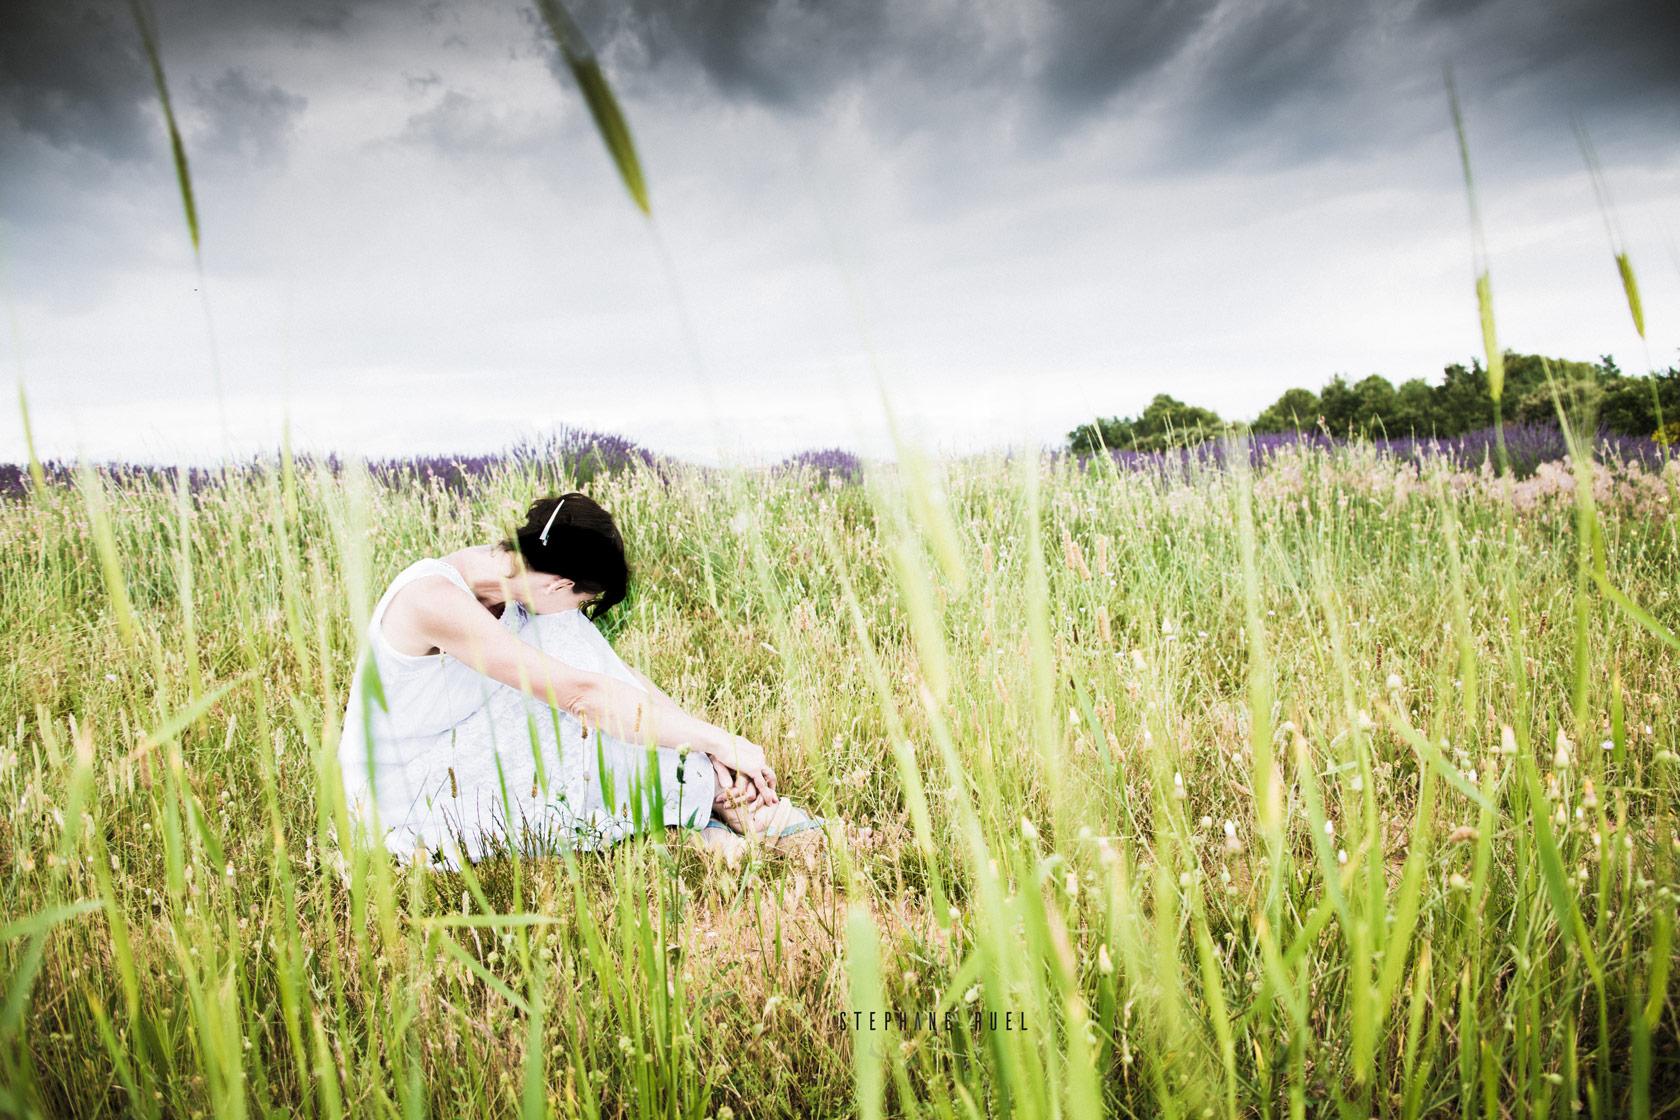 photographie-avignon-superbe-pause-84000-couleur-femme-portrait-a-avignon-84000-vaucluse-stephane-ruel-photographe